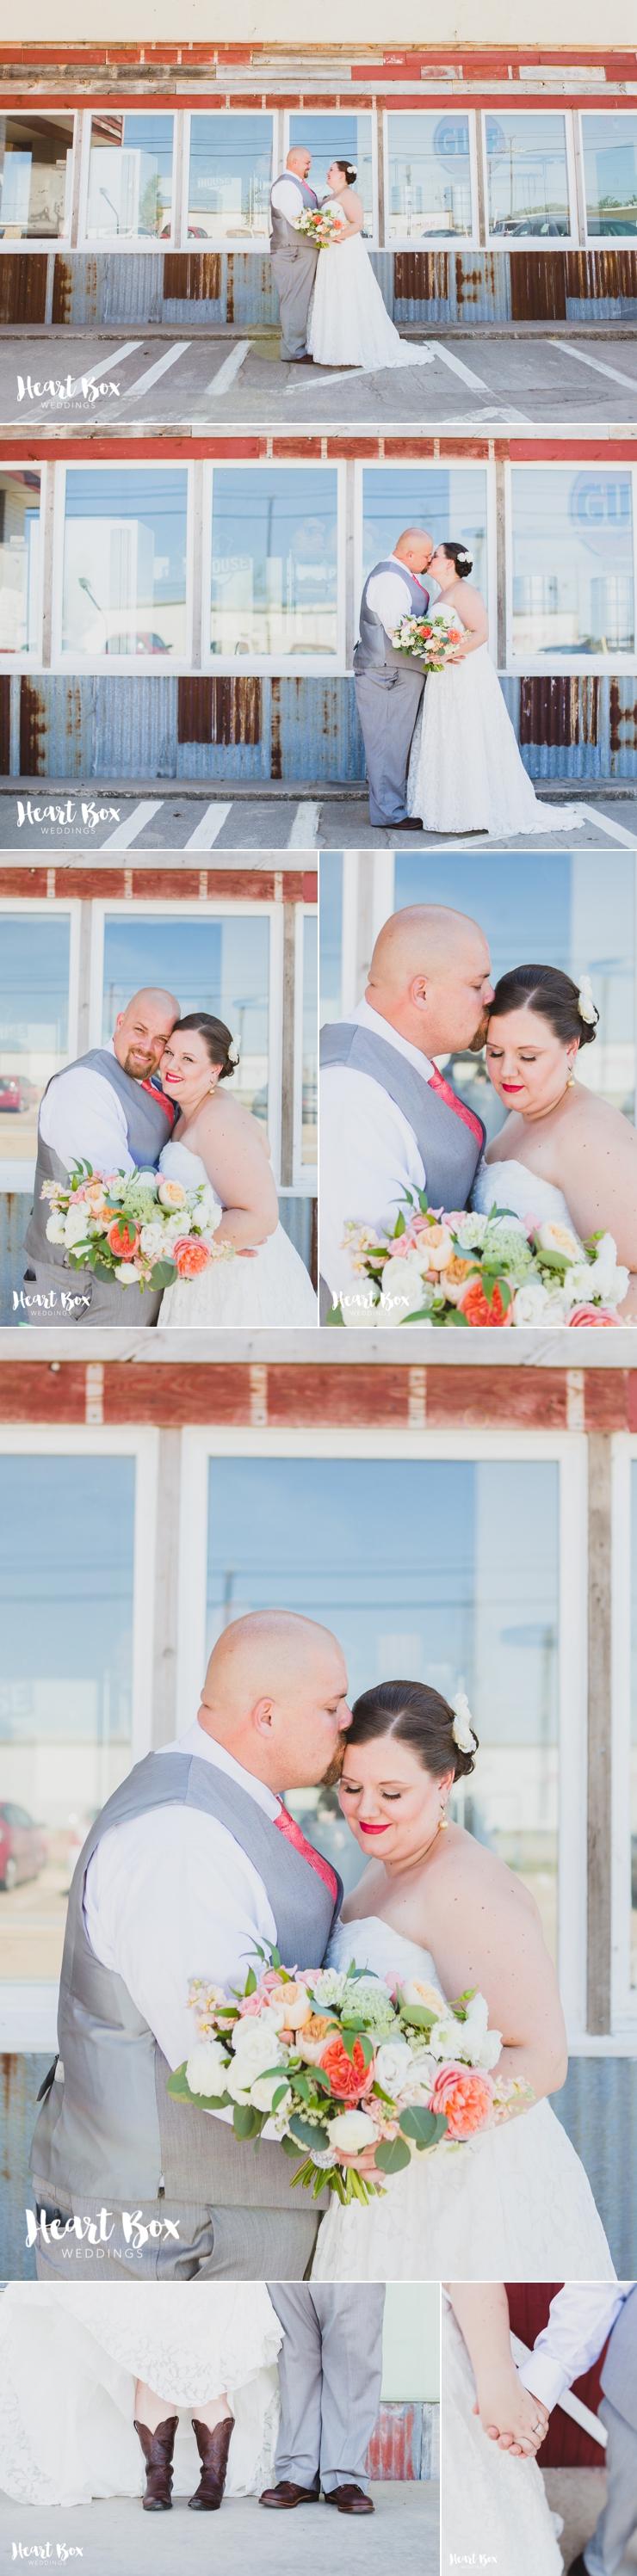 Turner Wedding Blog Collages 7.jpg